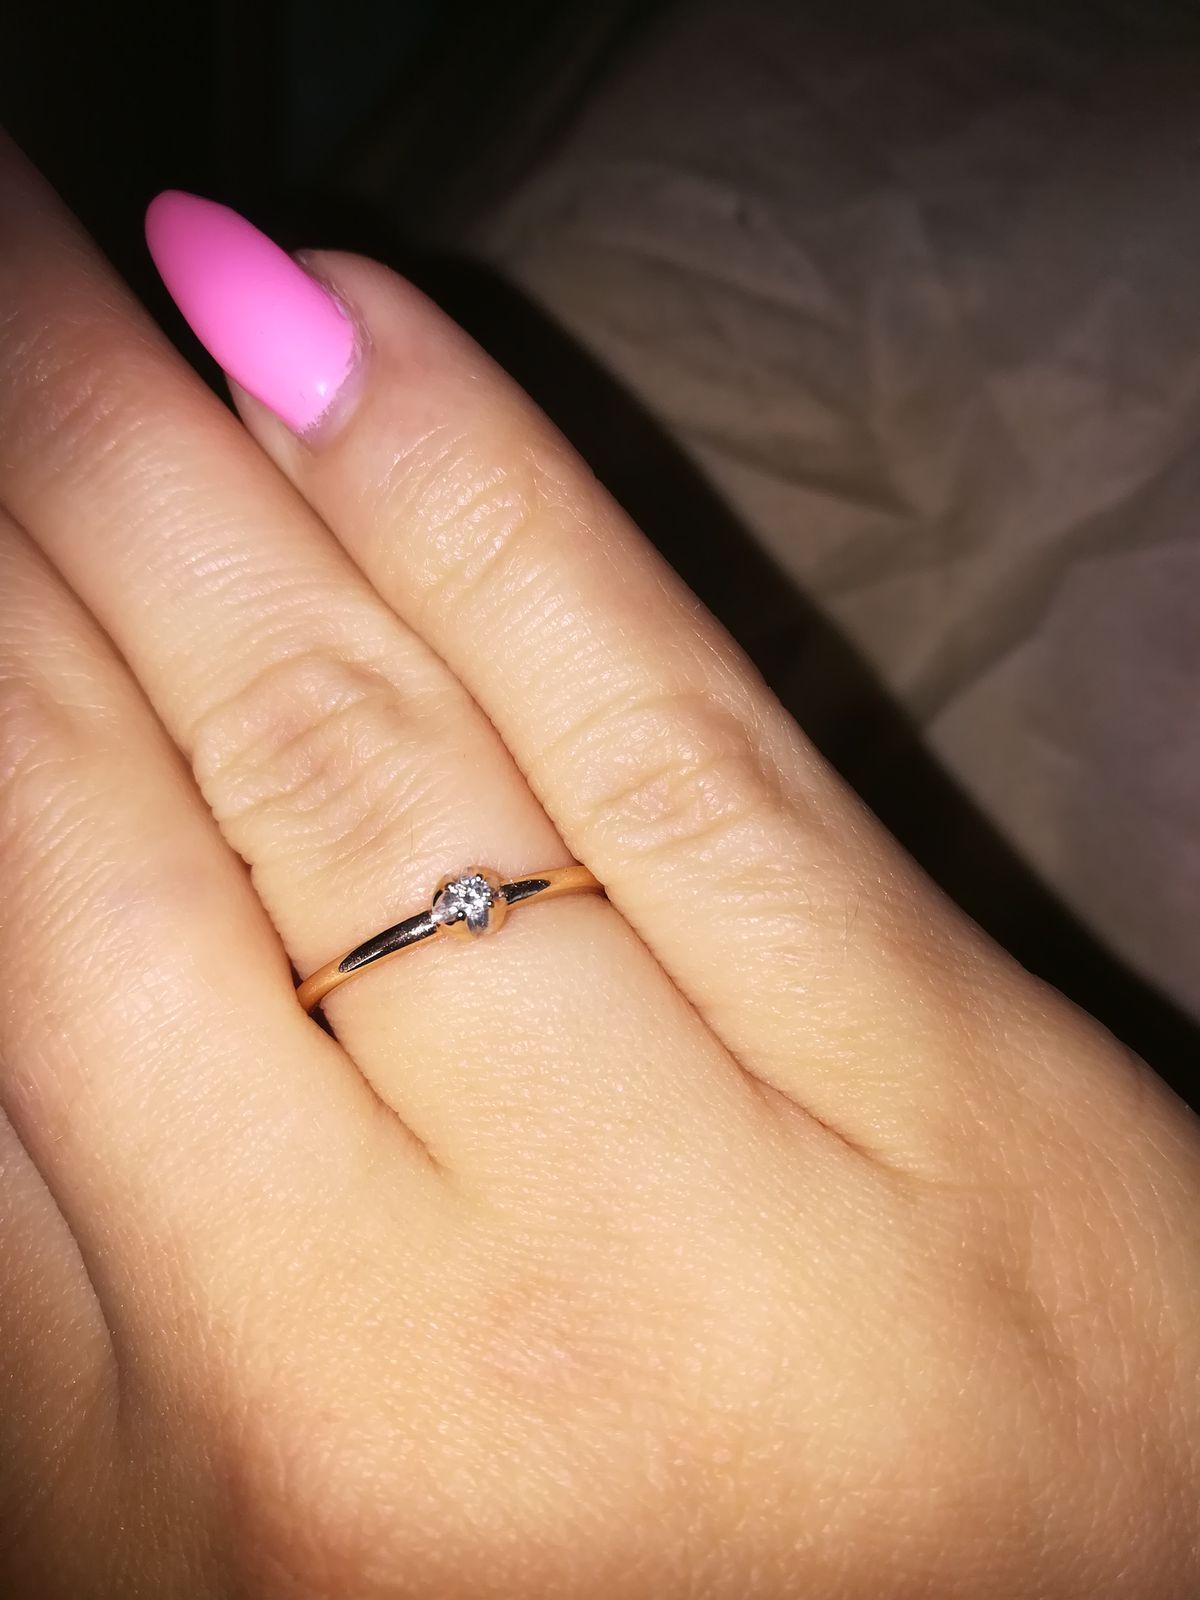 Теперь это моё самое любимое кольцо!!